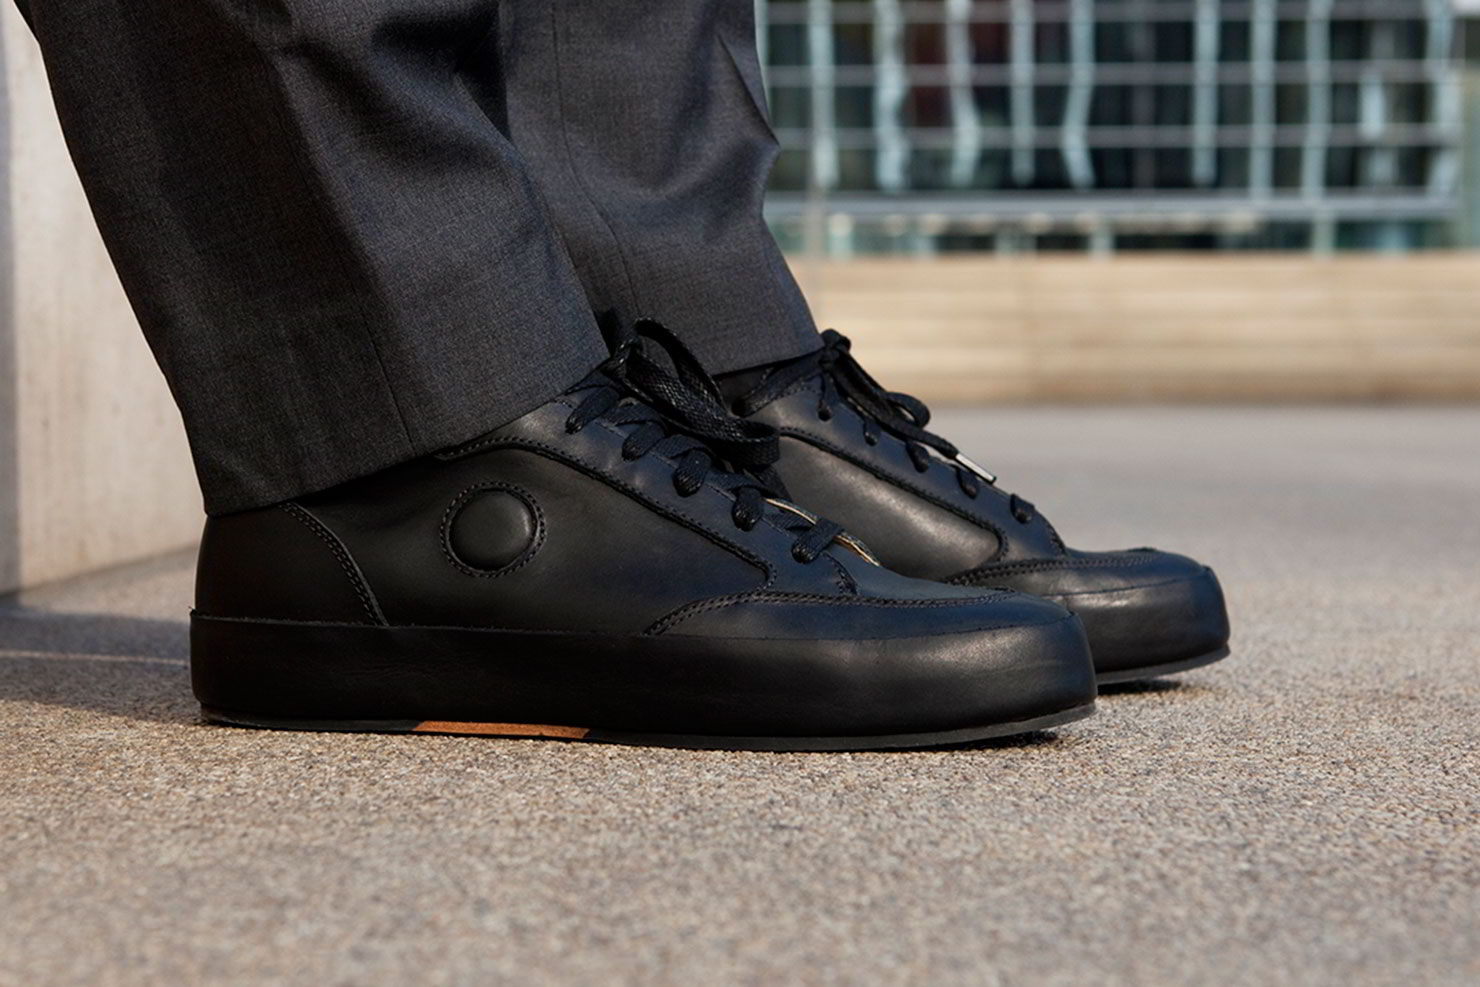 Rone lança sneaker inspirado em clássico da Airwalk